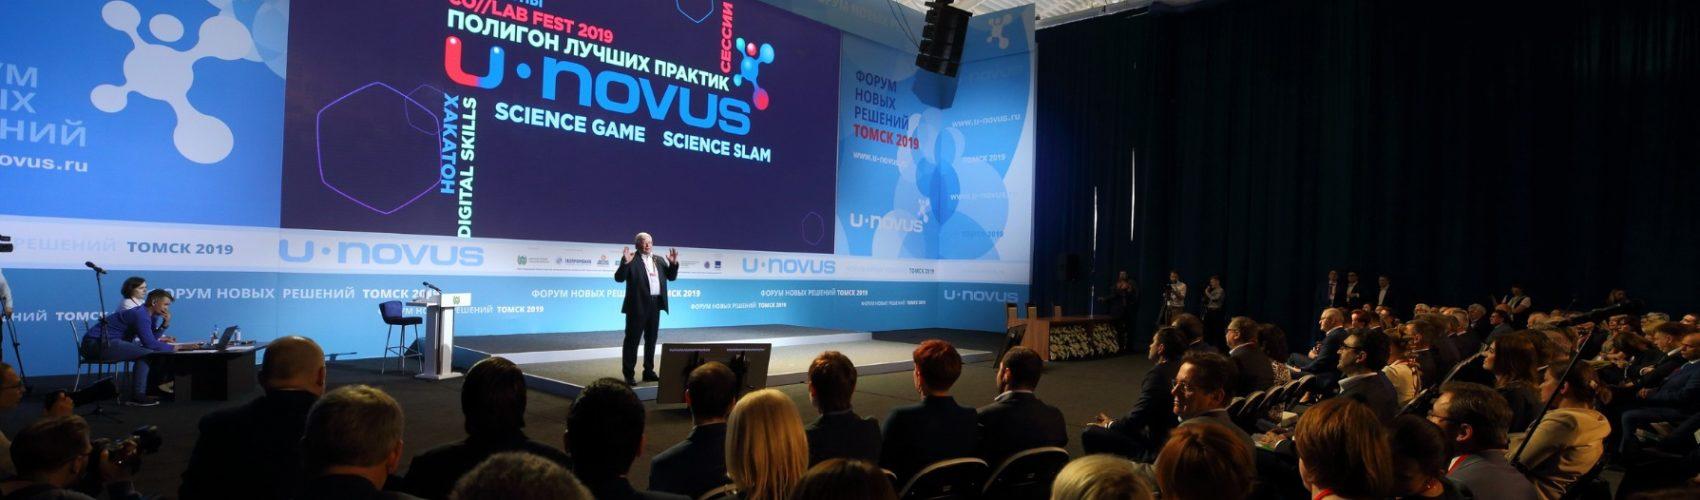 форум молодых ученых